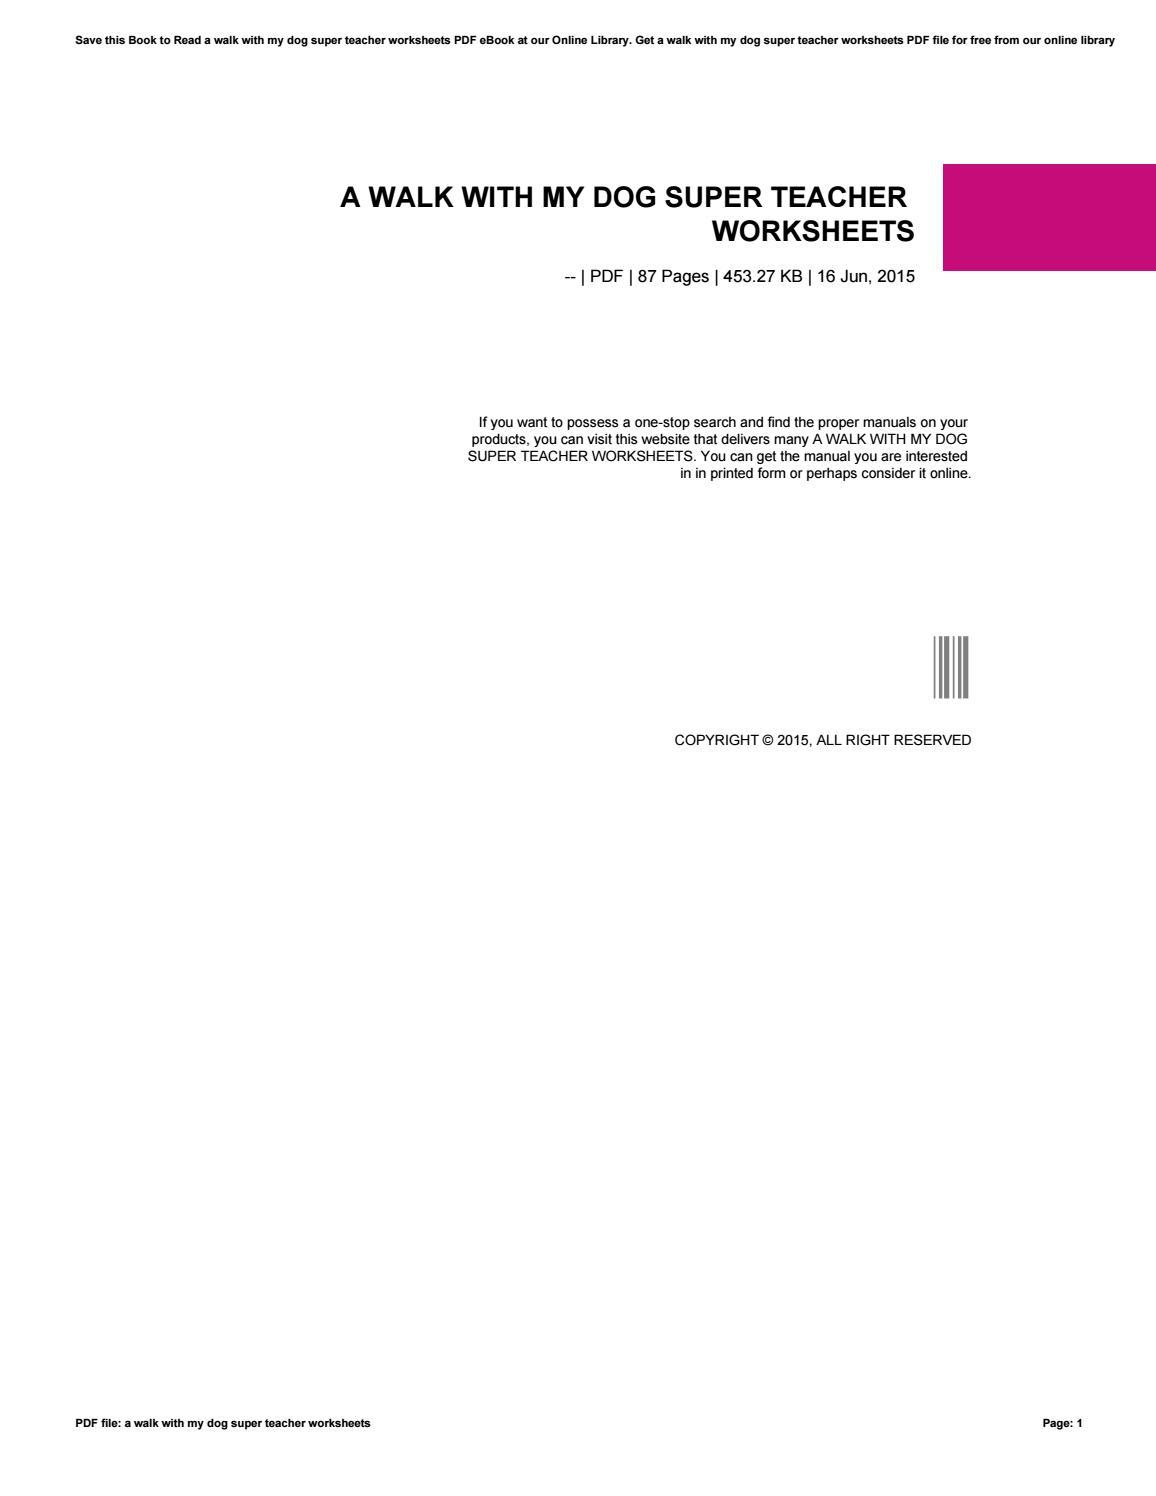 Workbooks super teacher worksheets pdf : A walk with my dog super teacher worksheets by nezzart19 - issuu